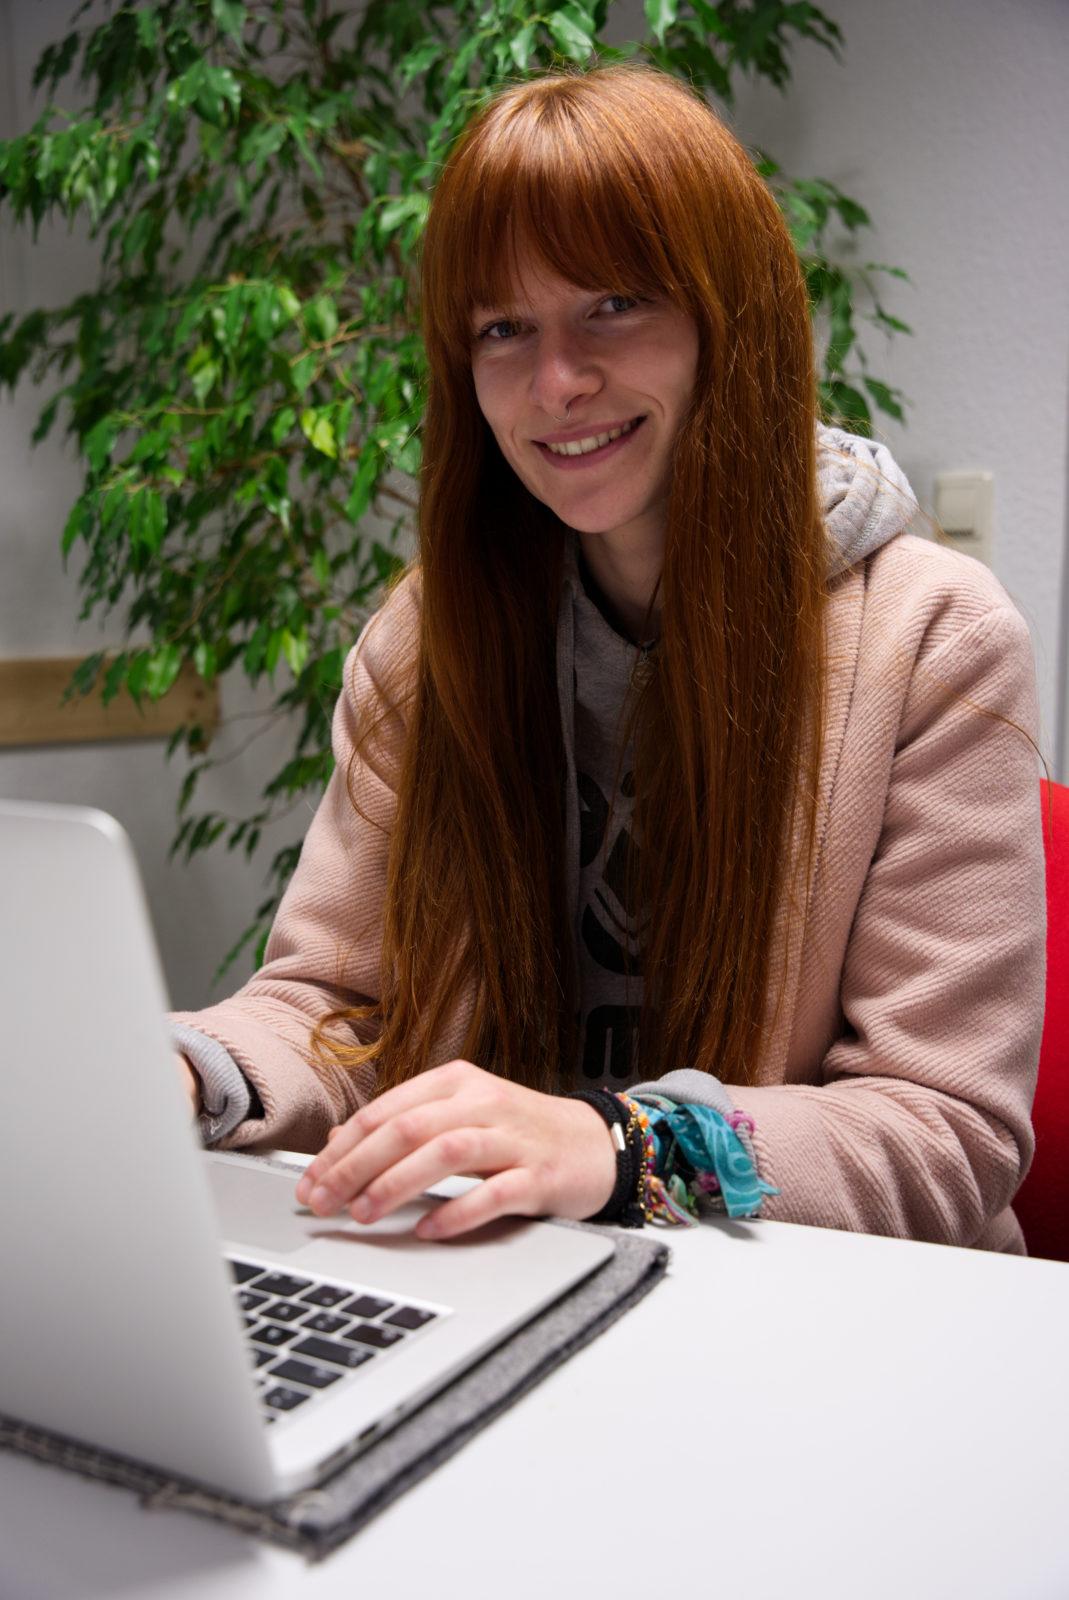 Julia Weidt